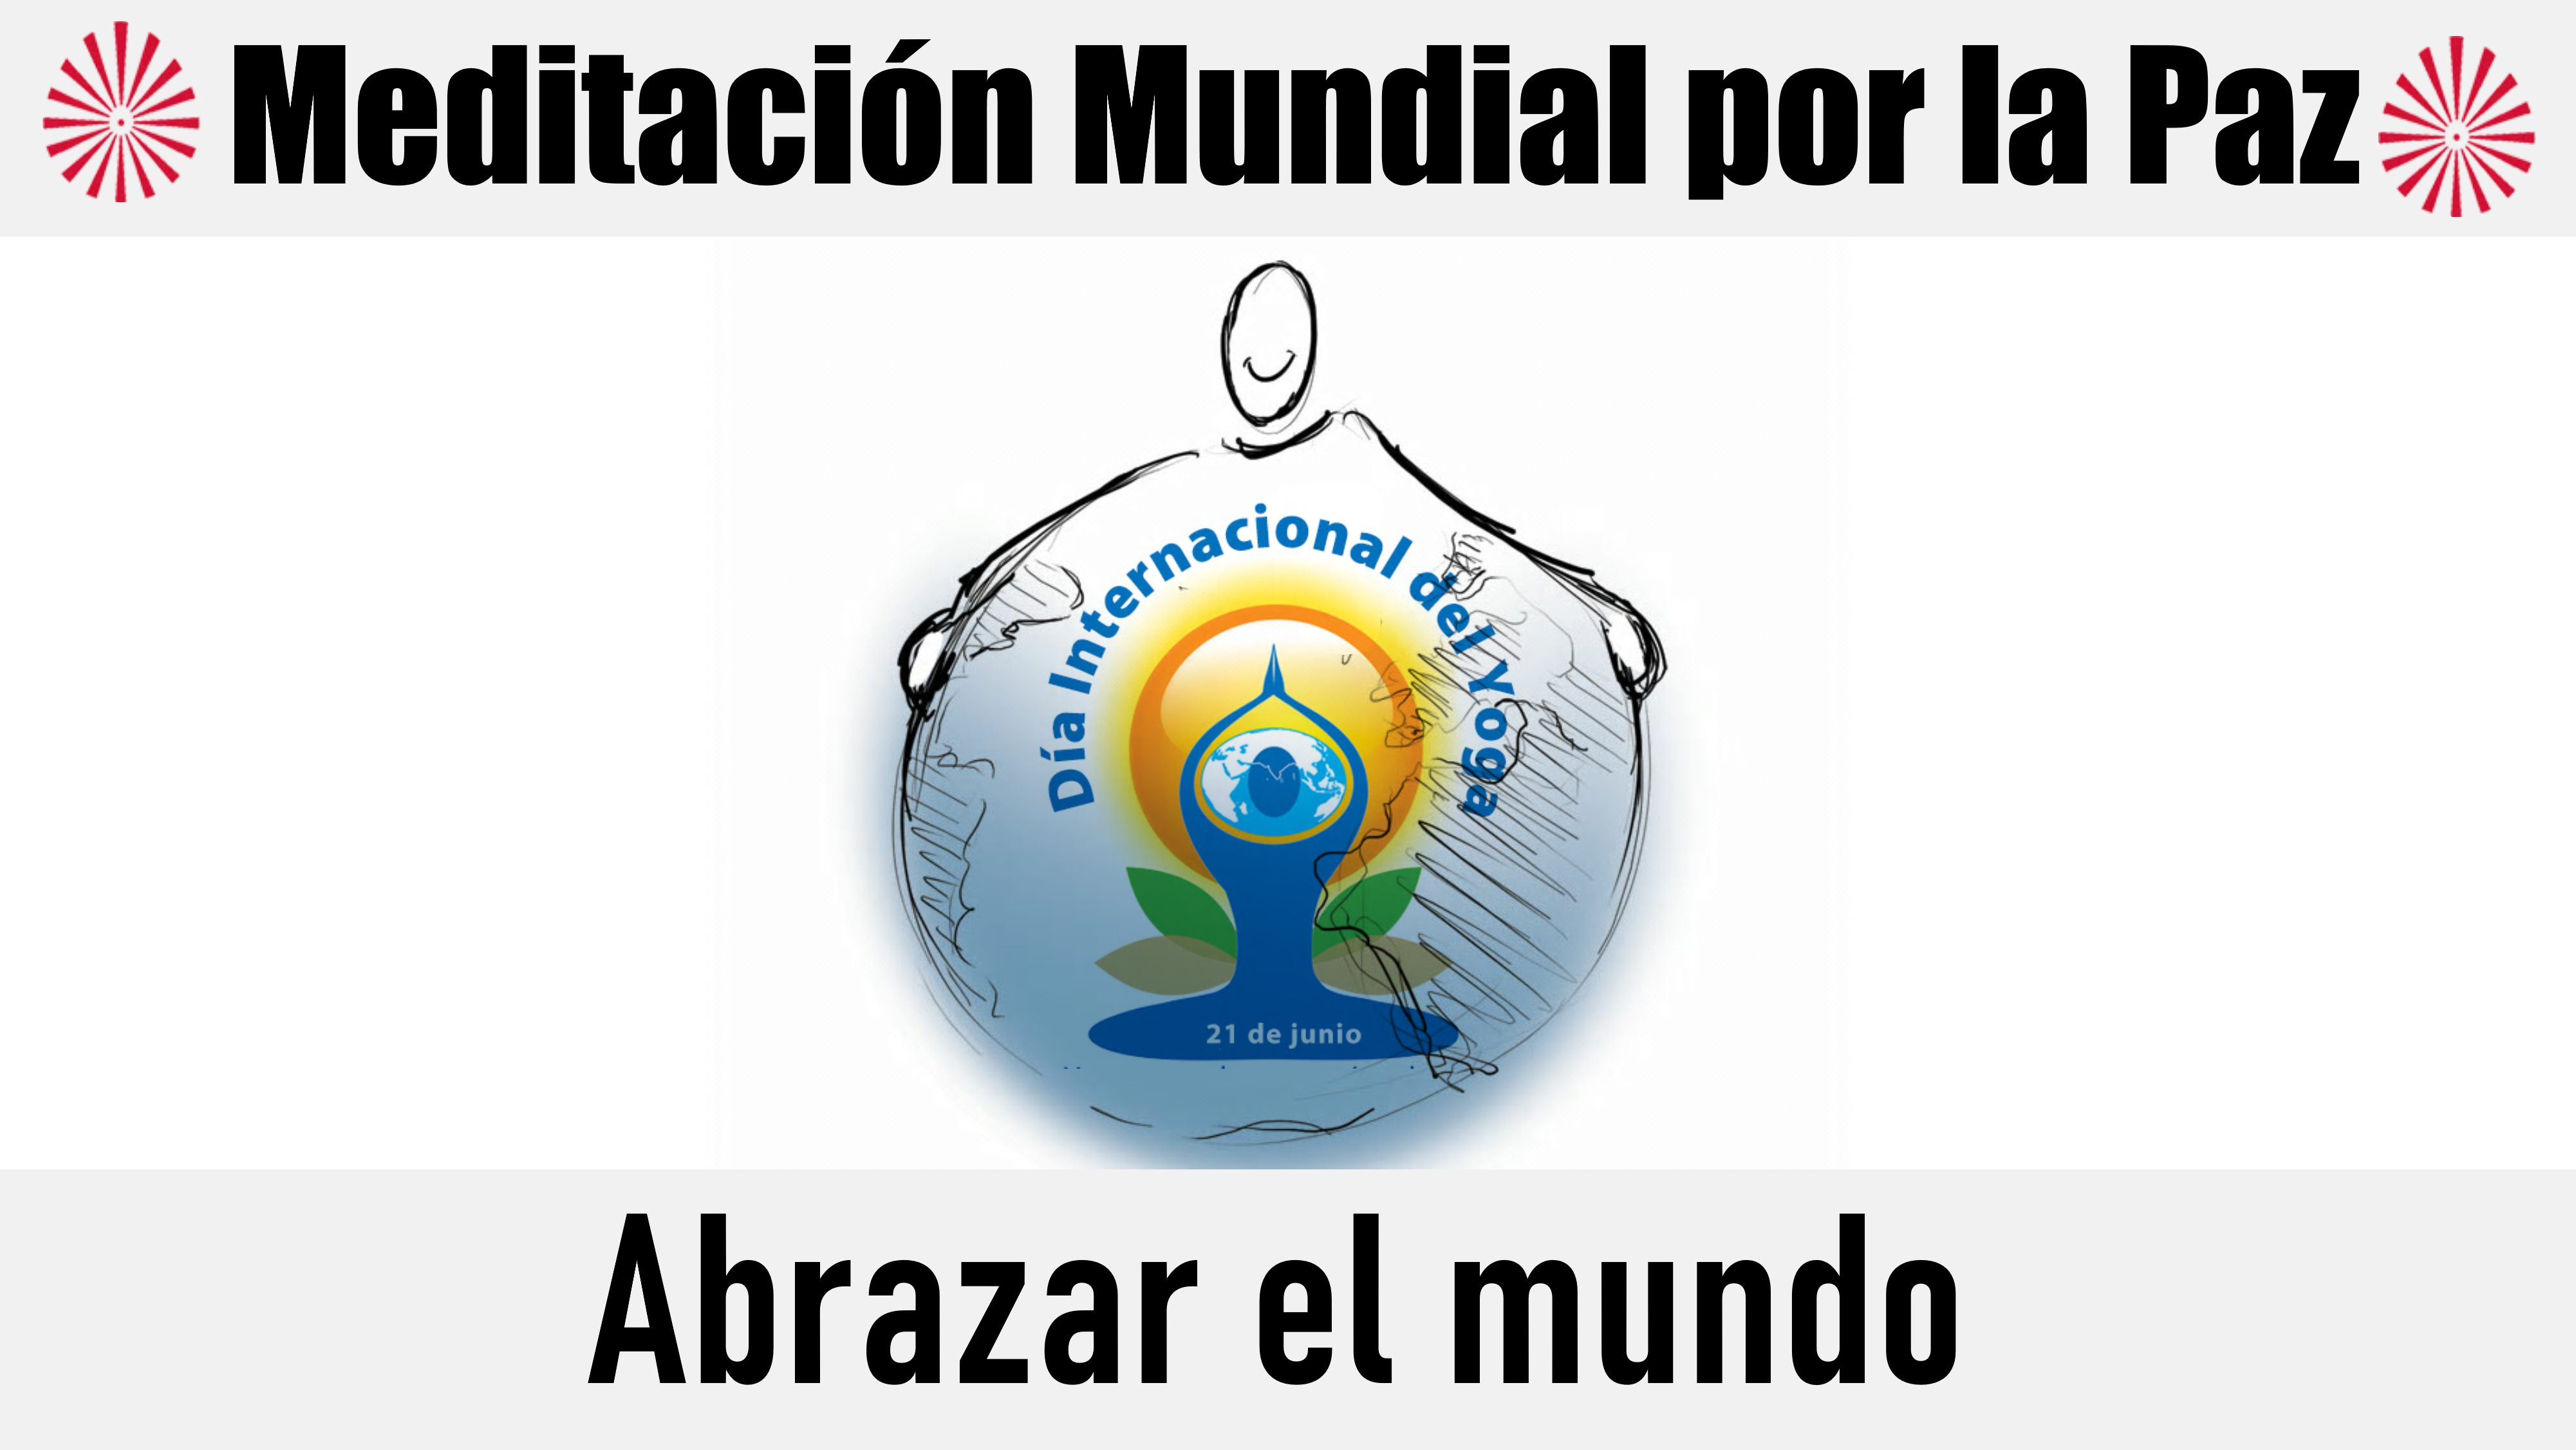 21 Junio 2020 Meditación mundial por la Paz. En el día Internacional del Yoga